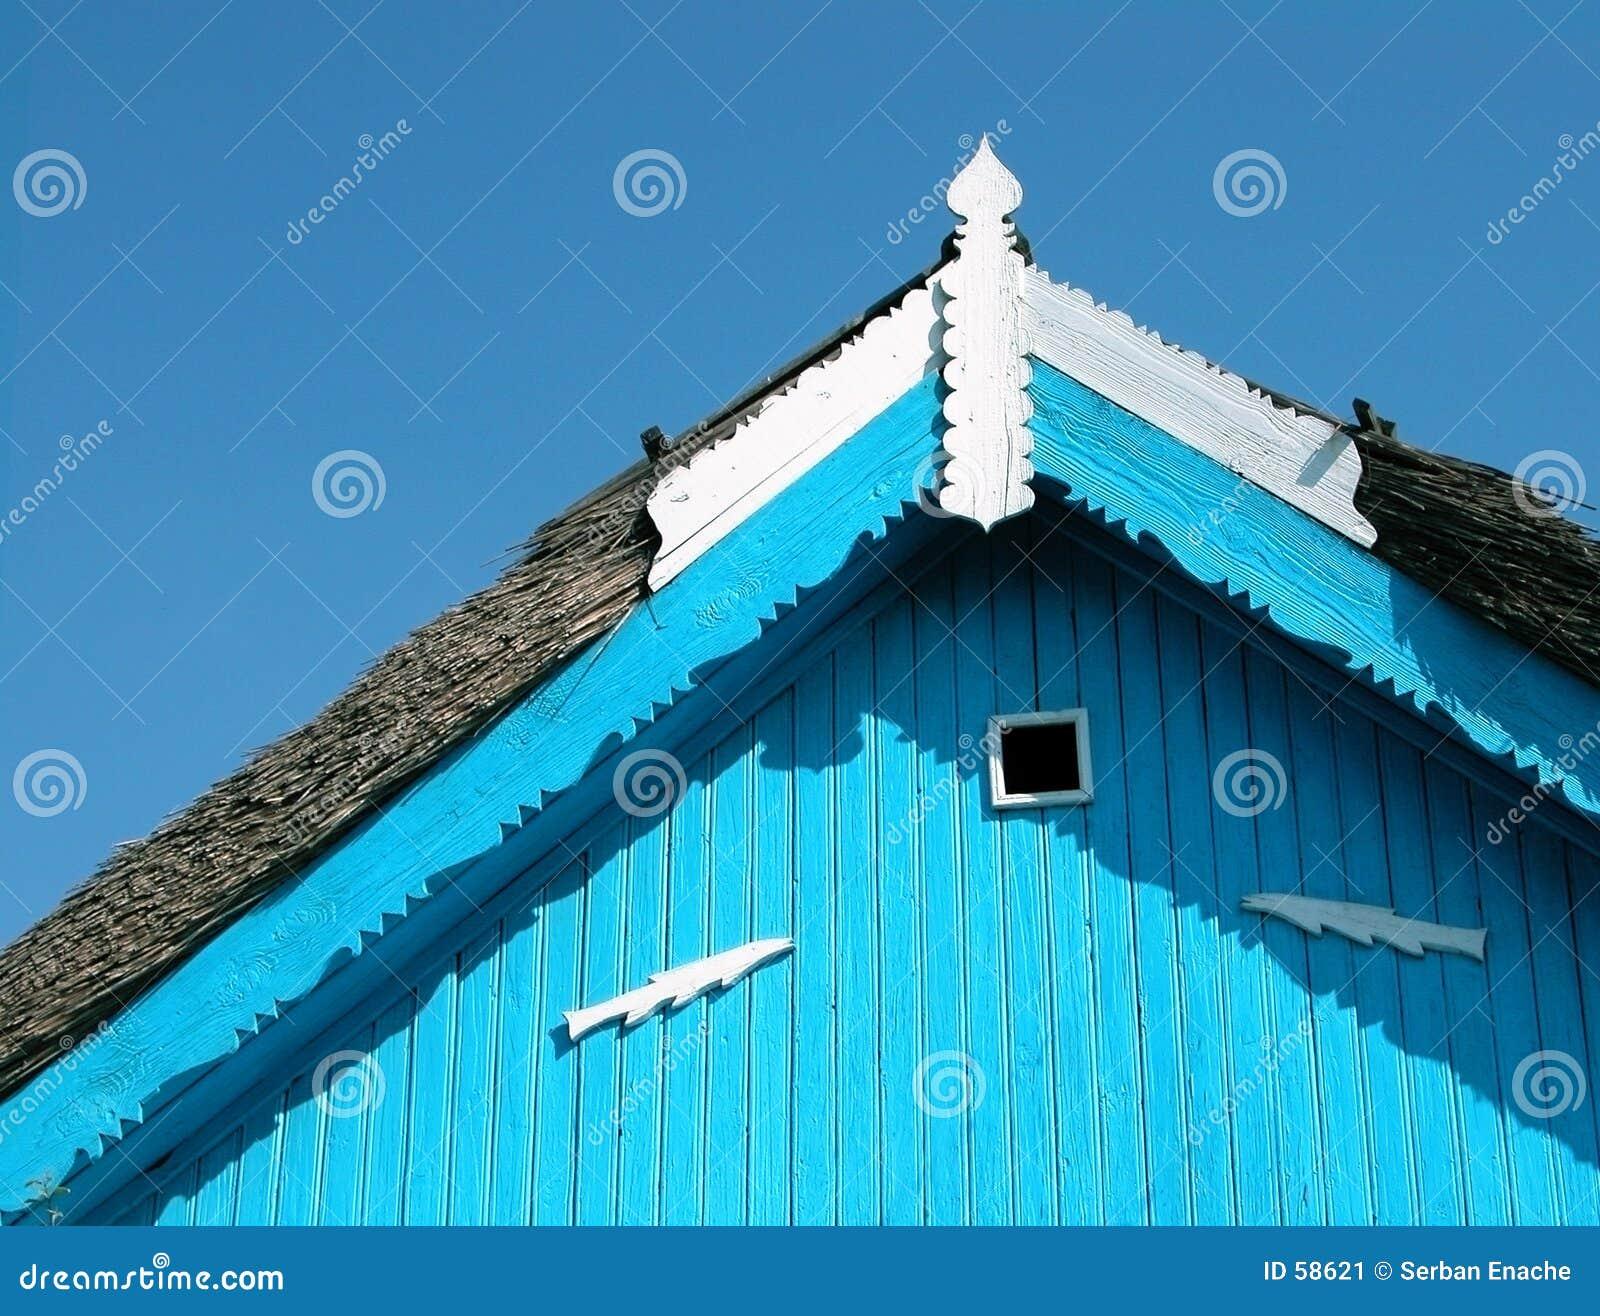 Download Détail de toit image stock. Image du delta, bleu, tradition - 58621